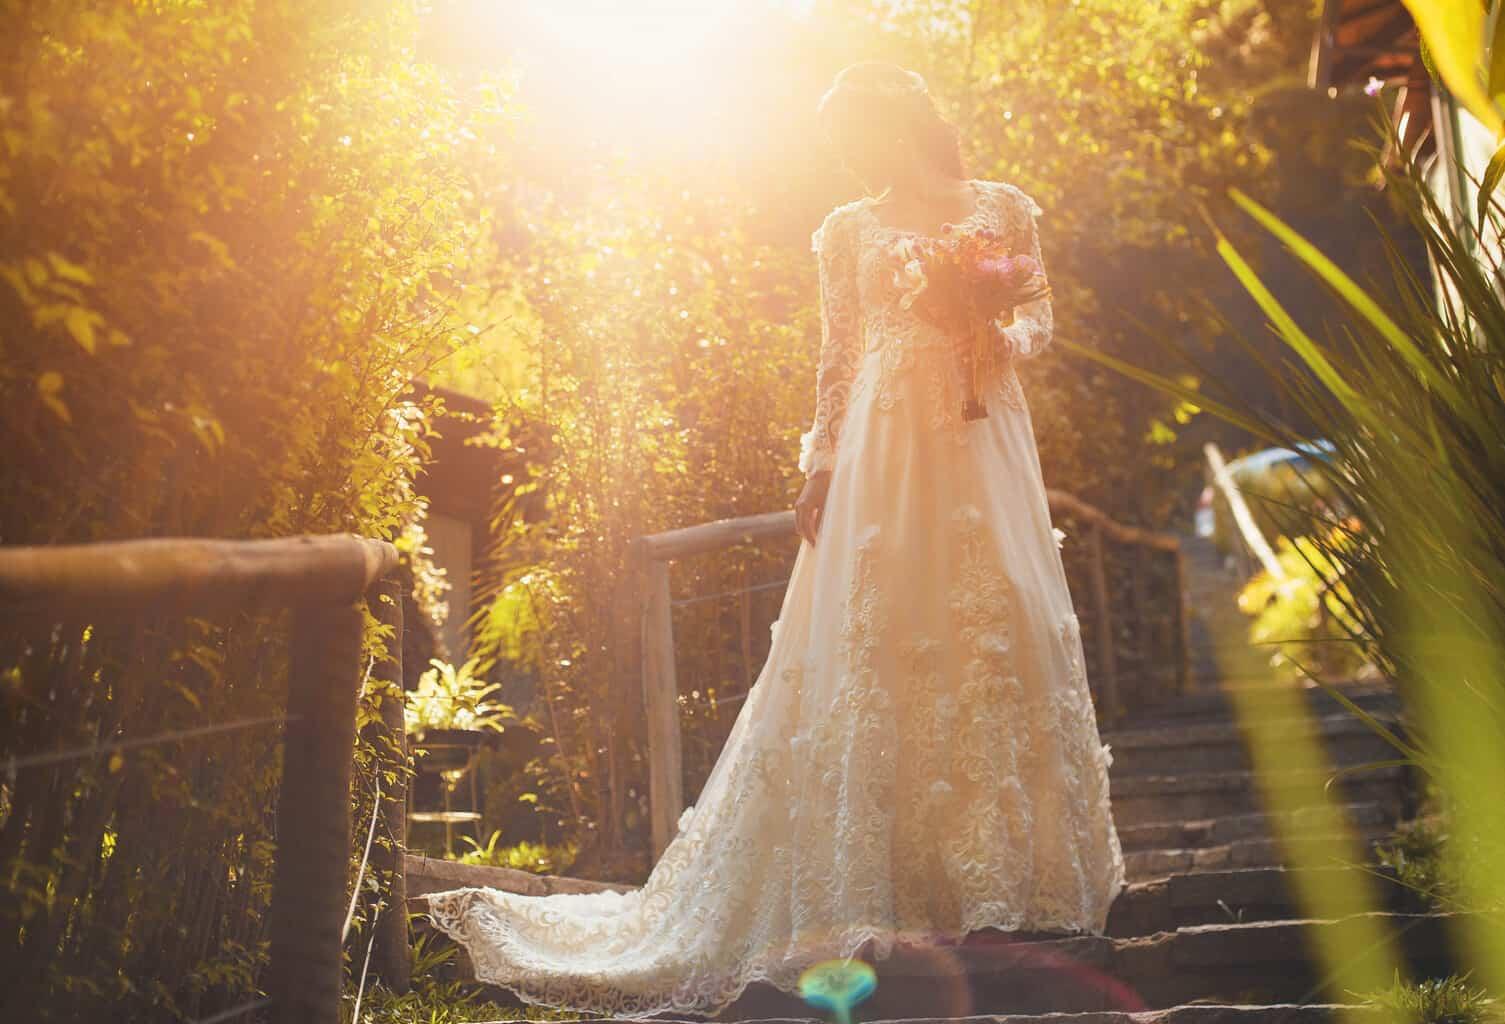 casamento-Beatriz-e-Joao-Fernando-Itaipava-Locanda-Della-Mimosa-making-of-Thienny-Tammis45